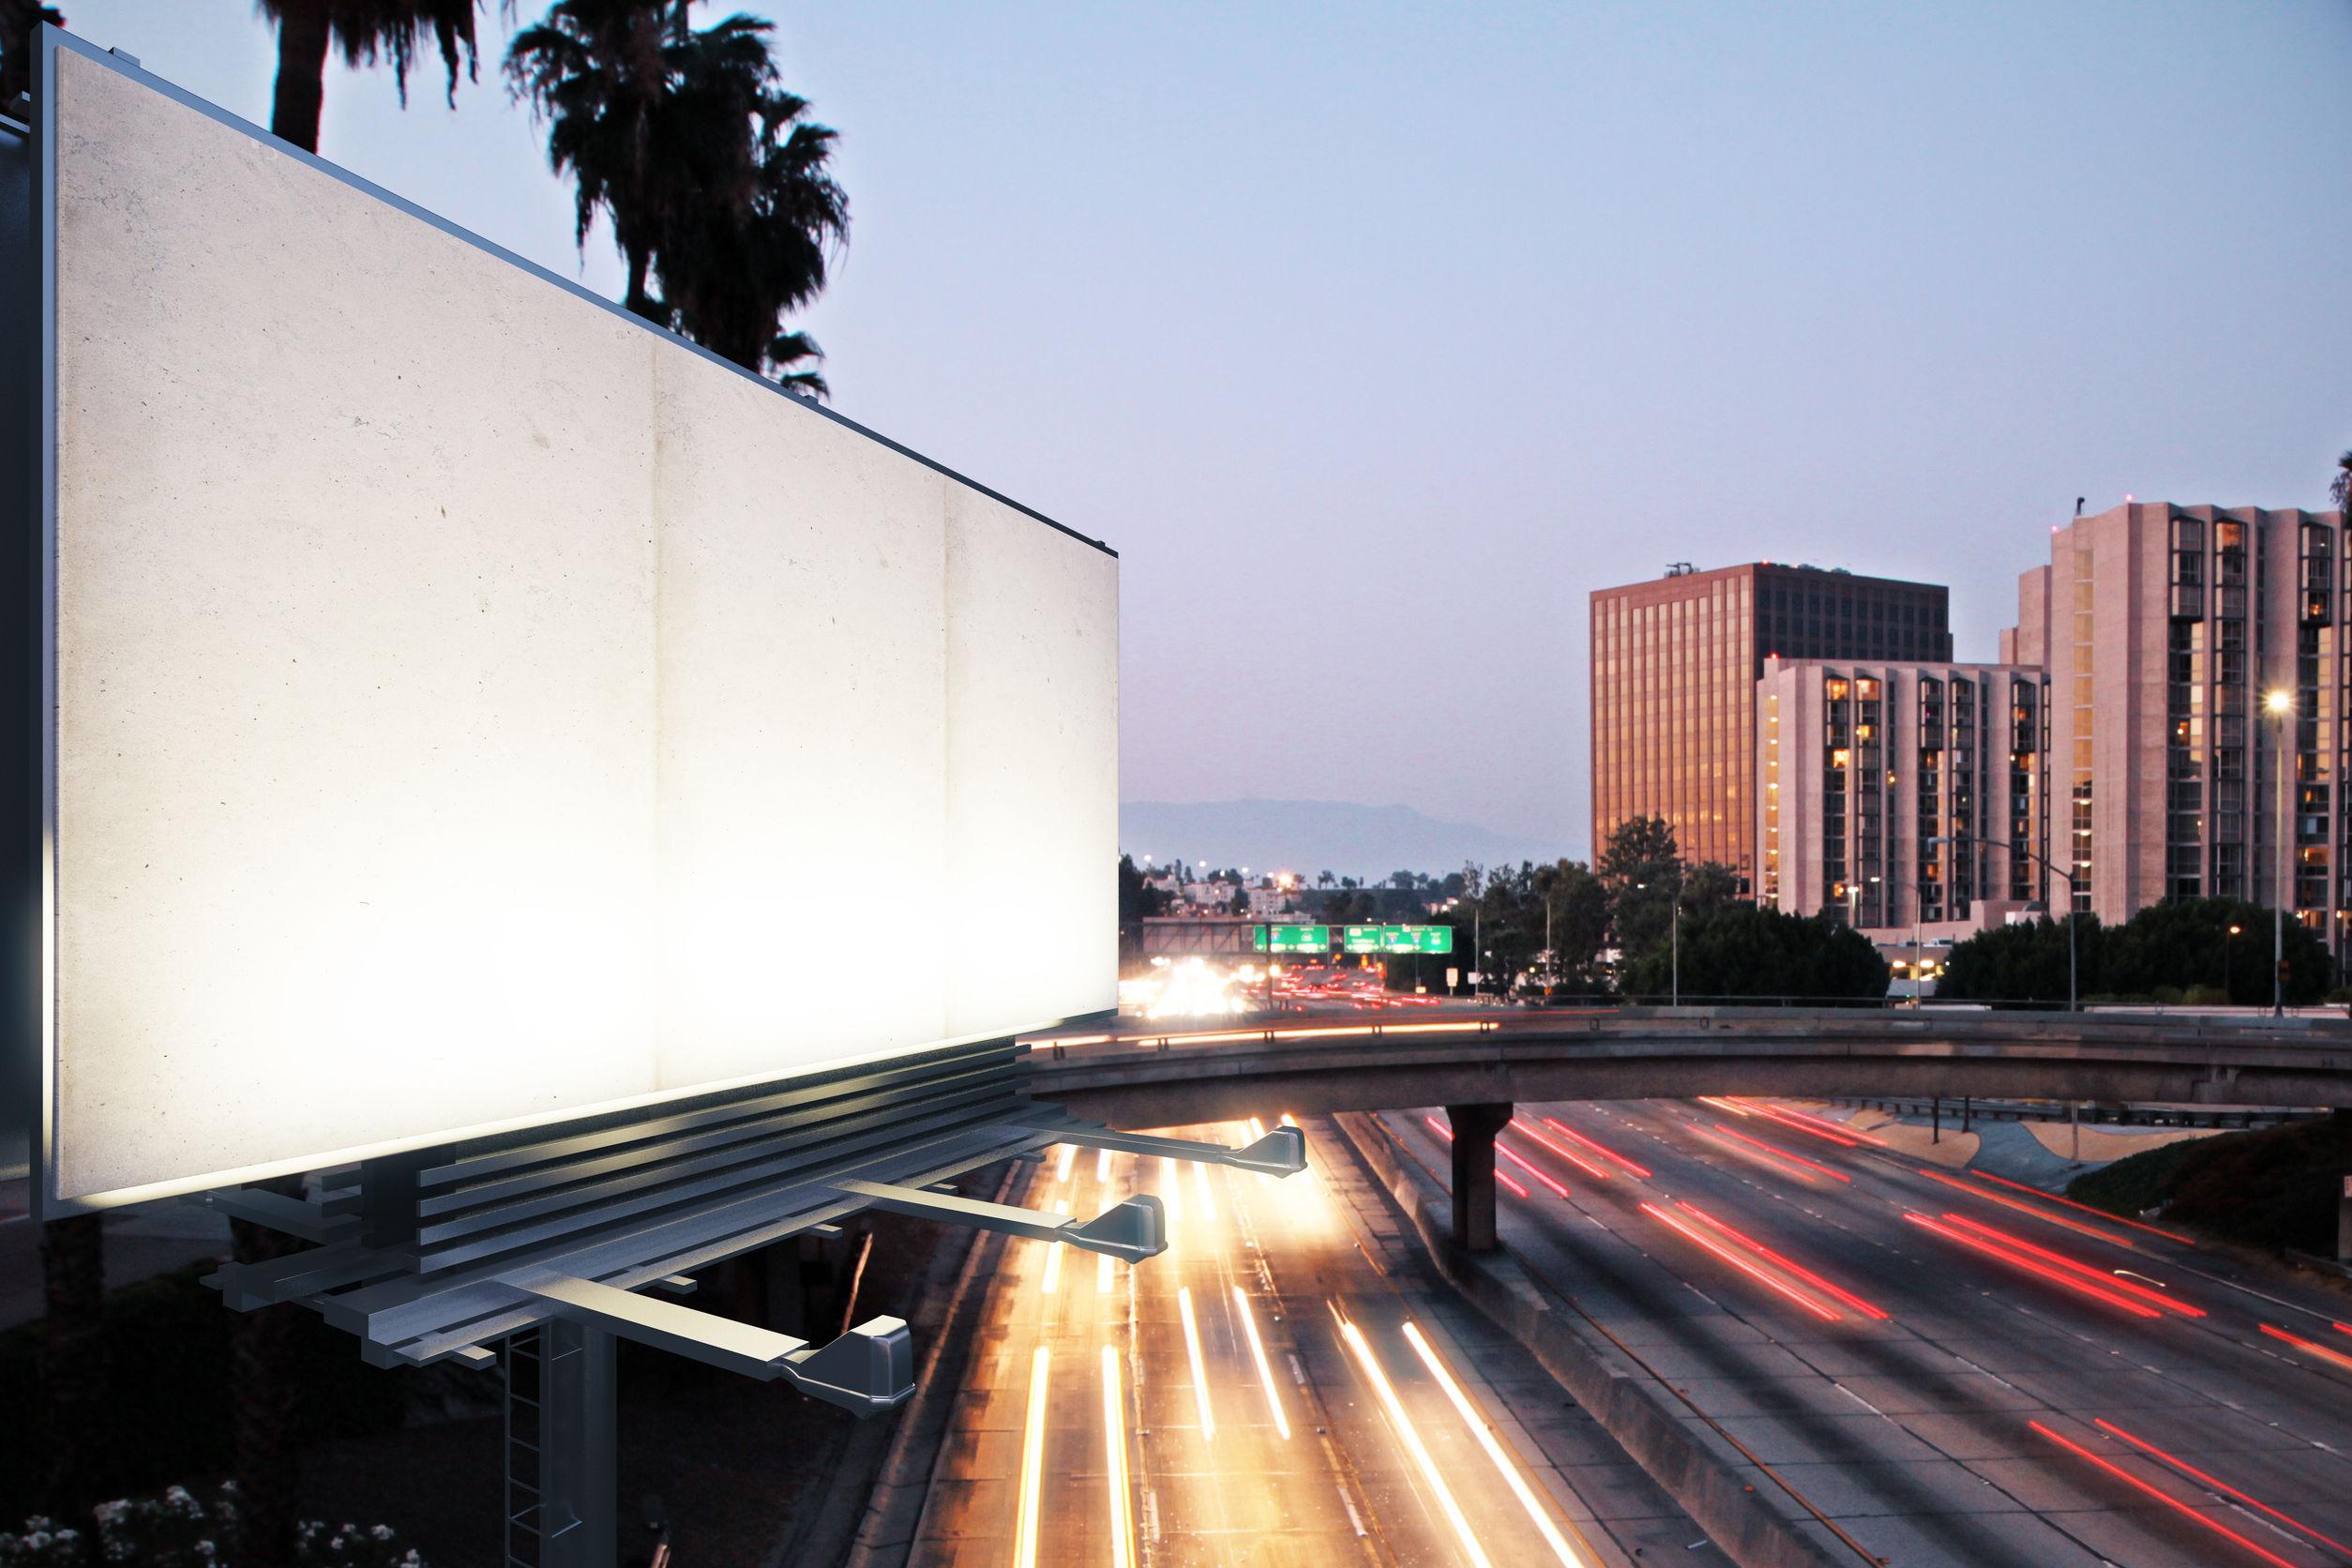 Reklama w formie billboardu – przestarzała metoda czy klasyczny pomysł, który zawsze się opłaca?